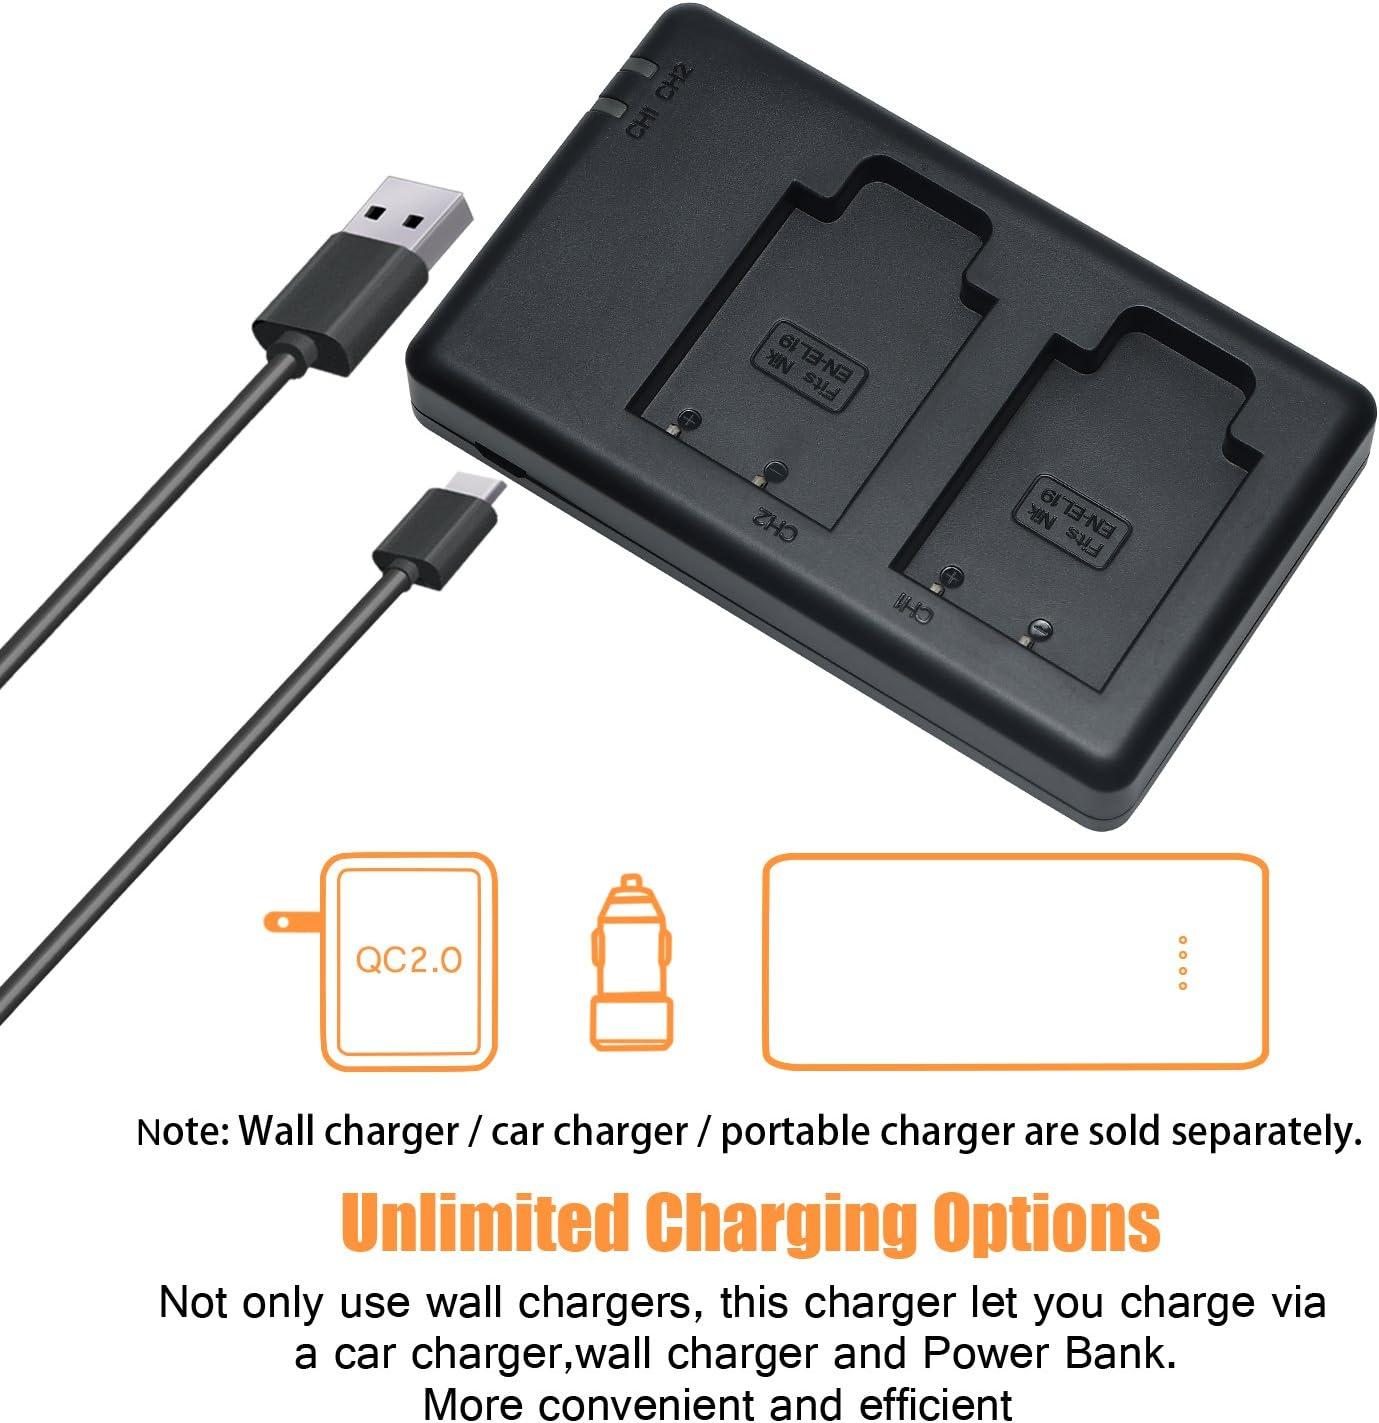 DSTE Fast Charging USB Dual Batterie Chargeur Compatible pour Nikon EN-EL19,Sony NP-BJ1,Nikon Coolpix S100,S2500,S2600,S2700,S2750,S3100,S3300,S4200,S4300,S6400,Sony DSC-RX0,RX0/II DSC-RX0M2